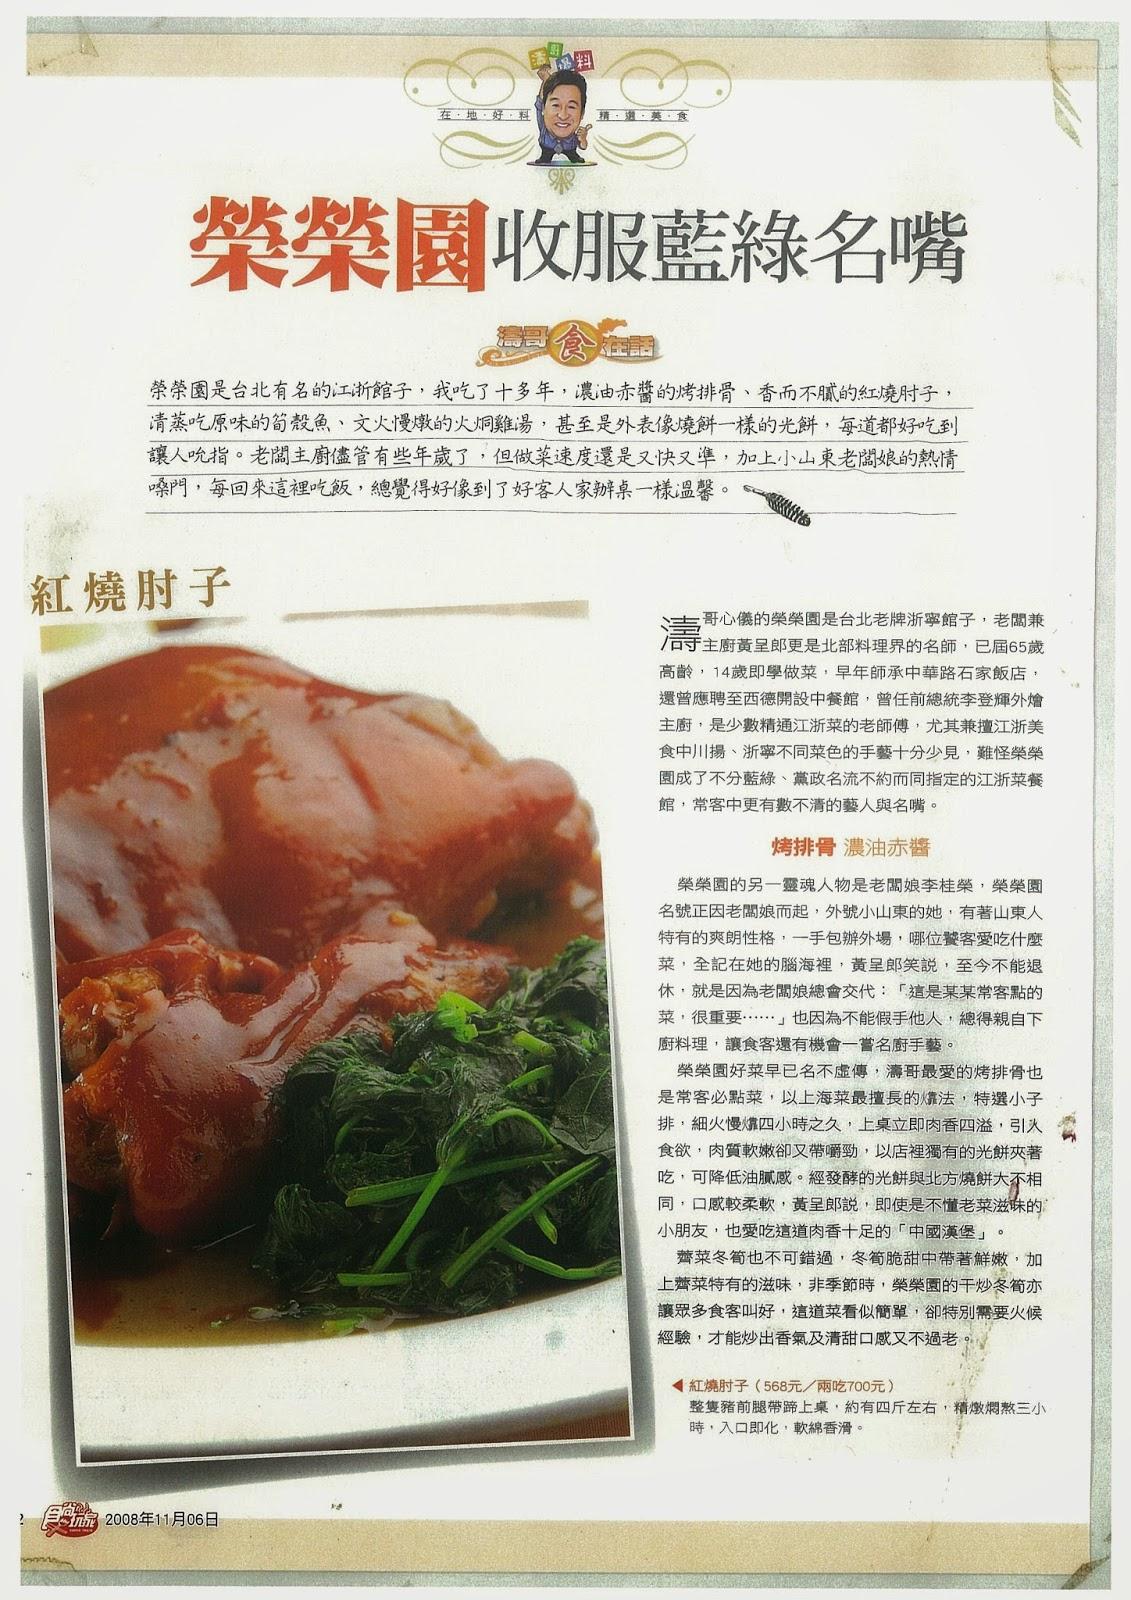 榮榮園浙寧餐廳: 食尚玩家採訪報導